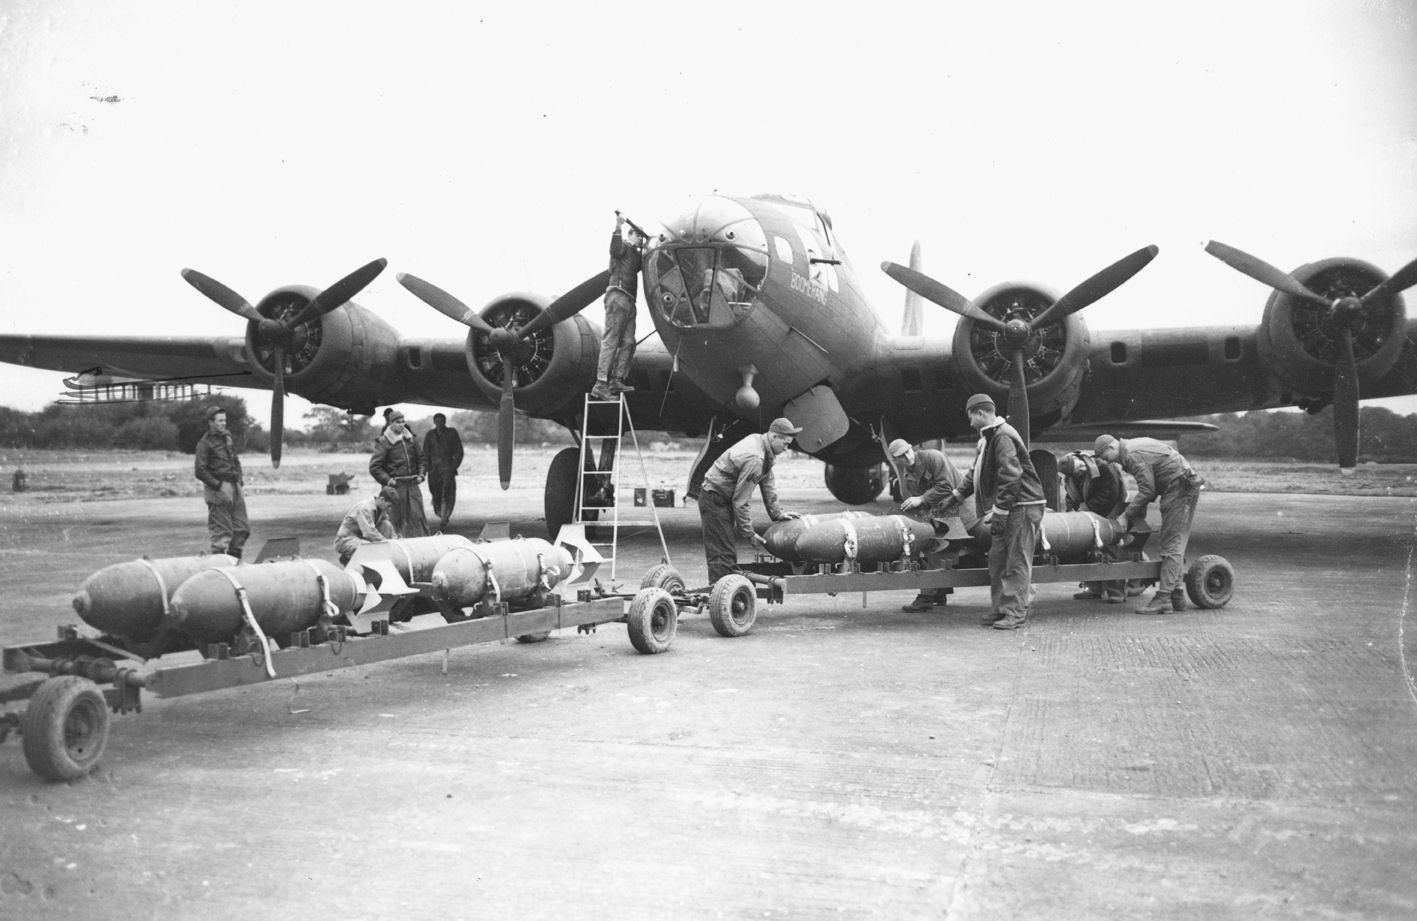 RAF_Bovingdon_-_B-17_bomb_loading.jpg